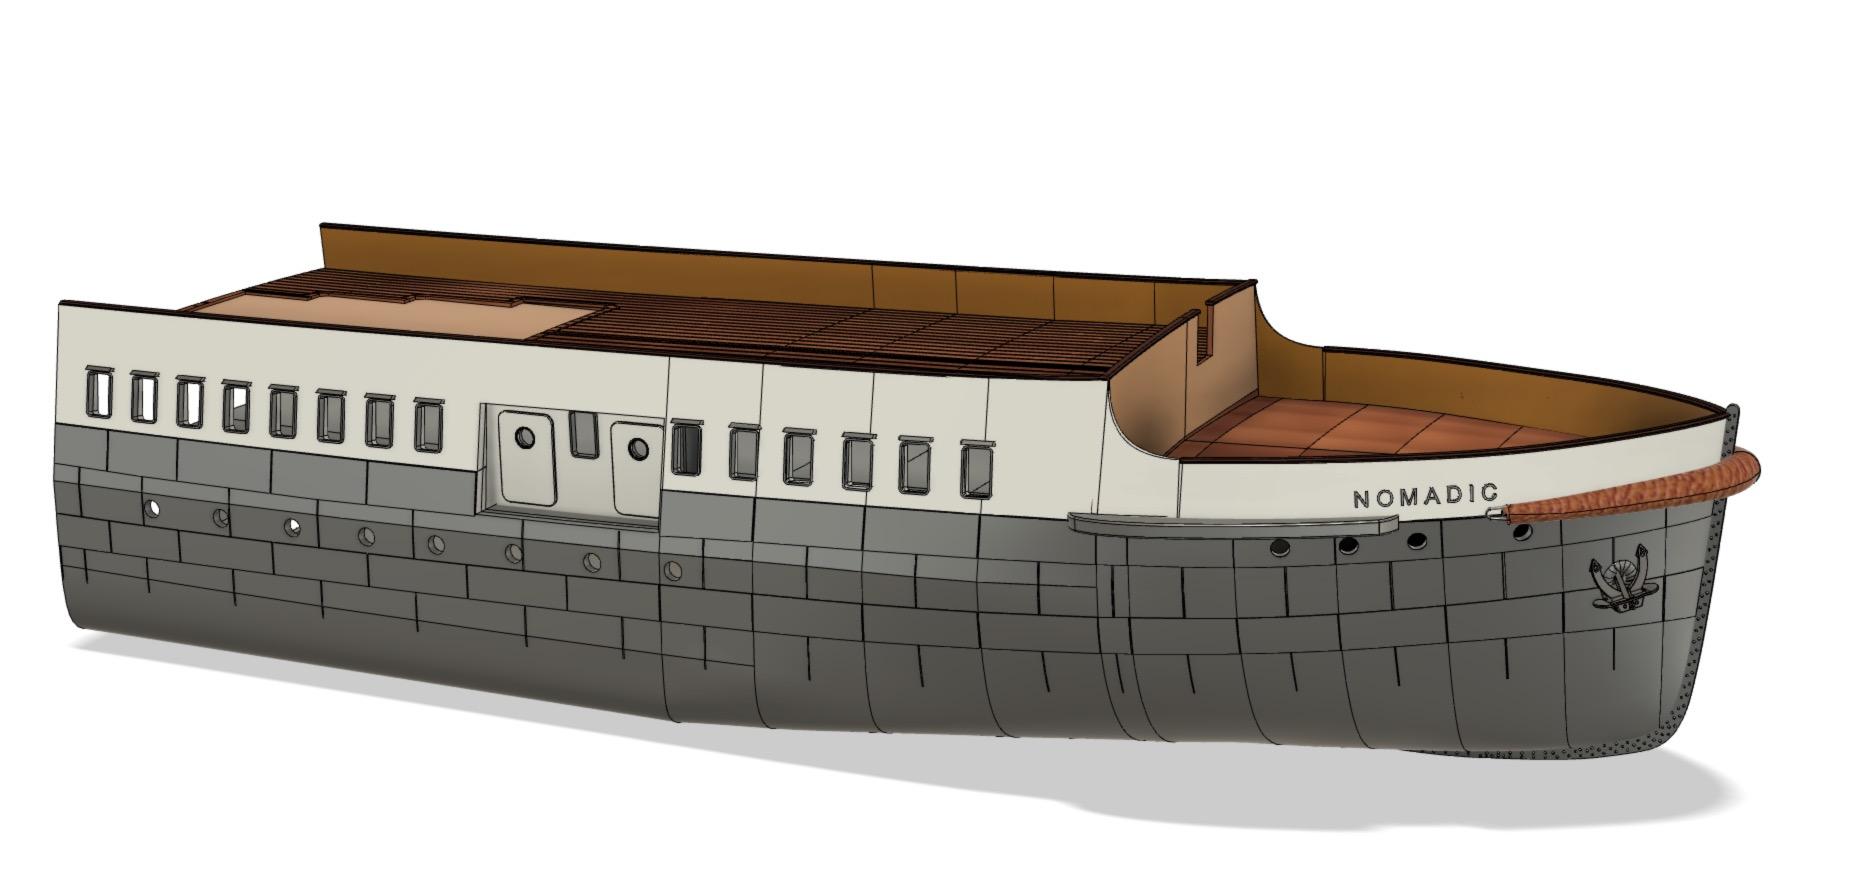 SS Nomadic - Le petit frère du Titanic - 1/200 - 3D [Conception] Screen36